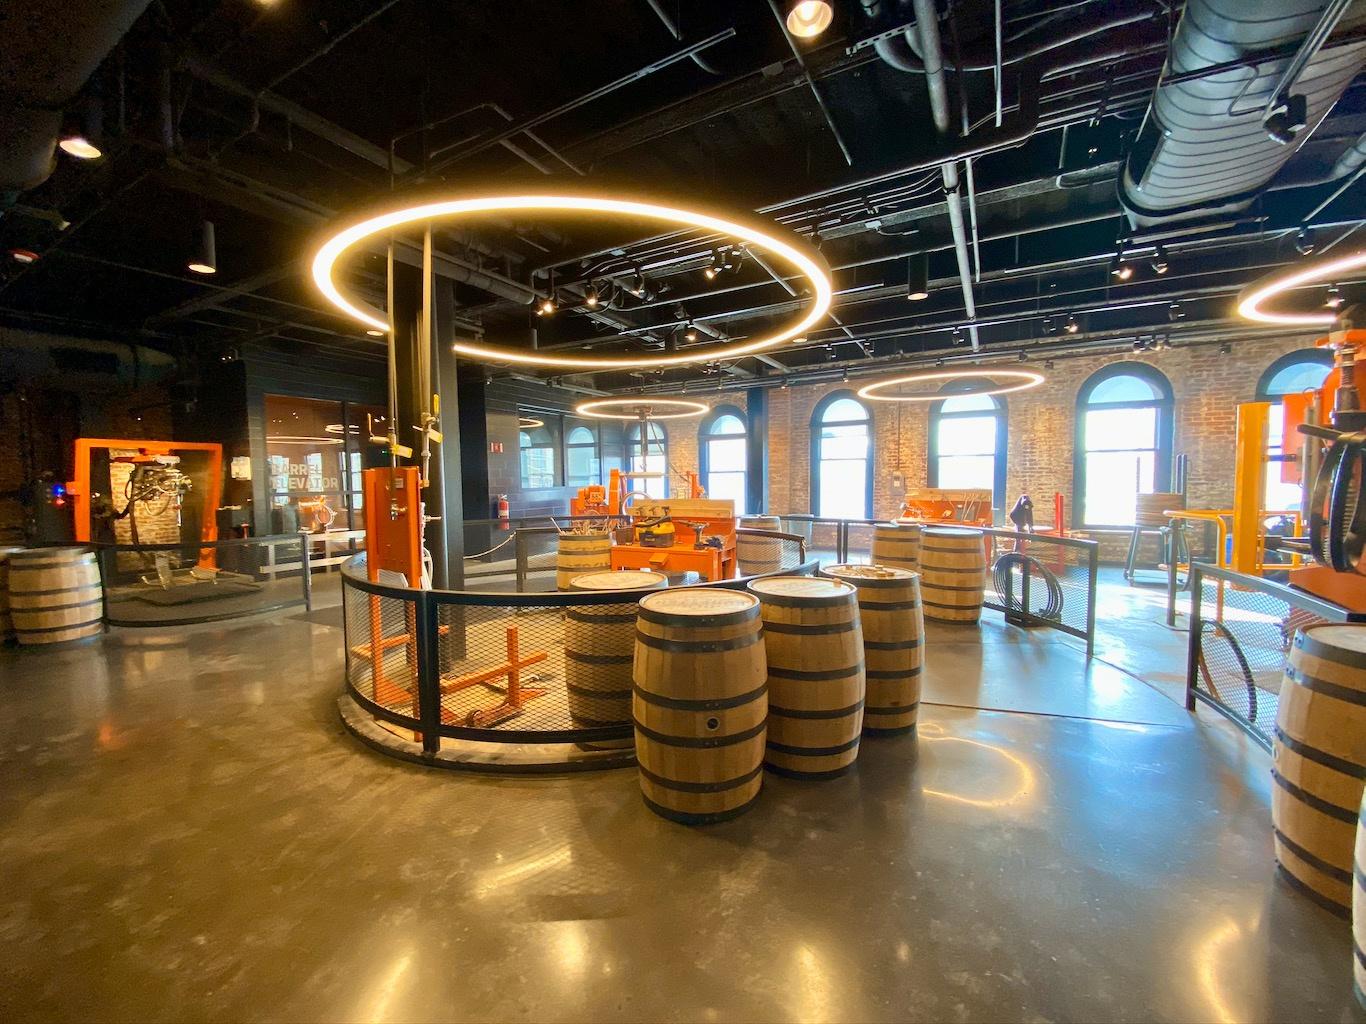 Cooperage - Old Forester Distillery